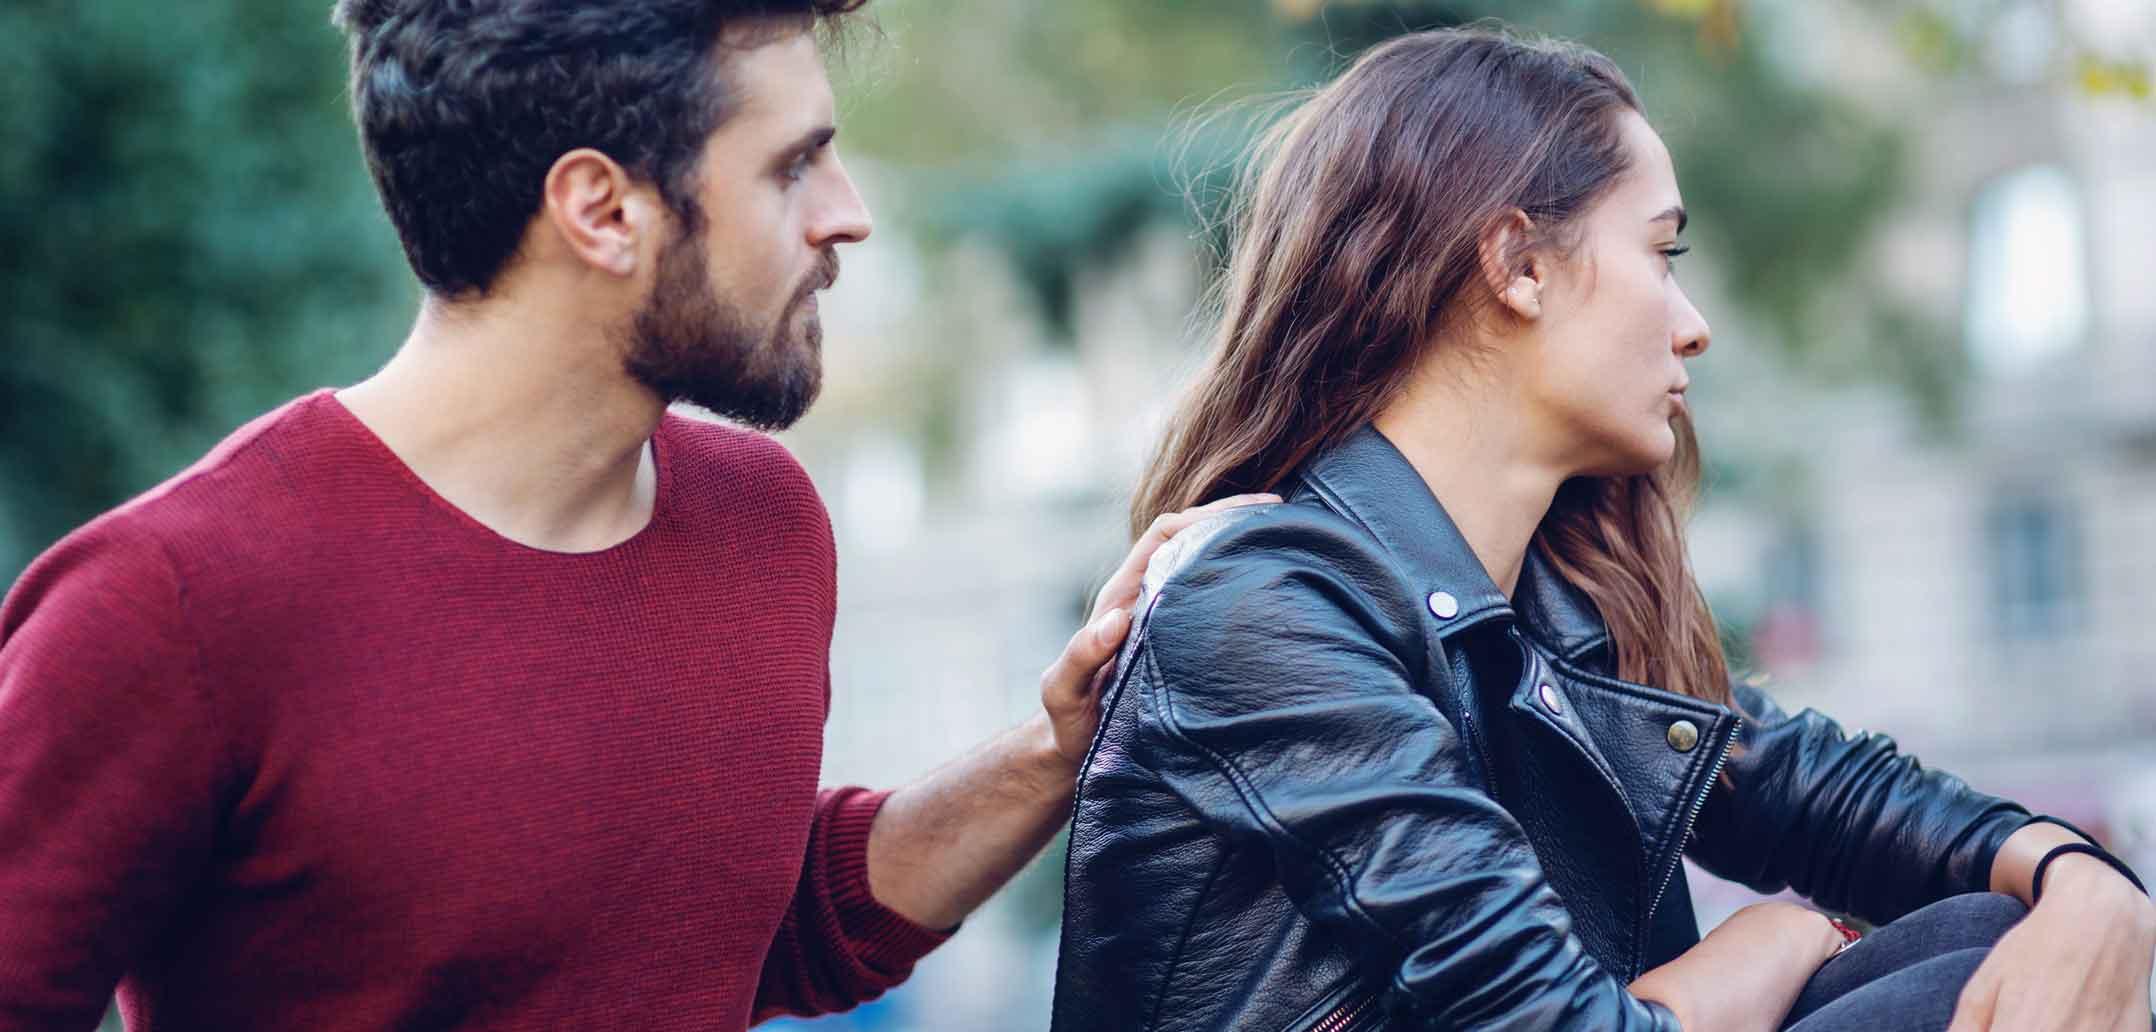 zurückweisung dating